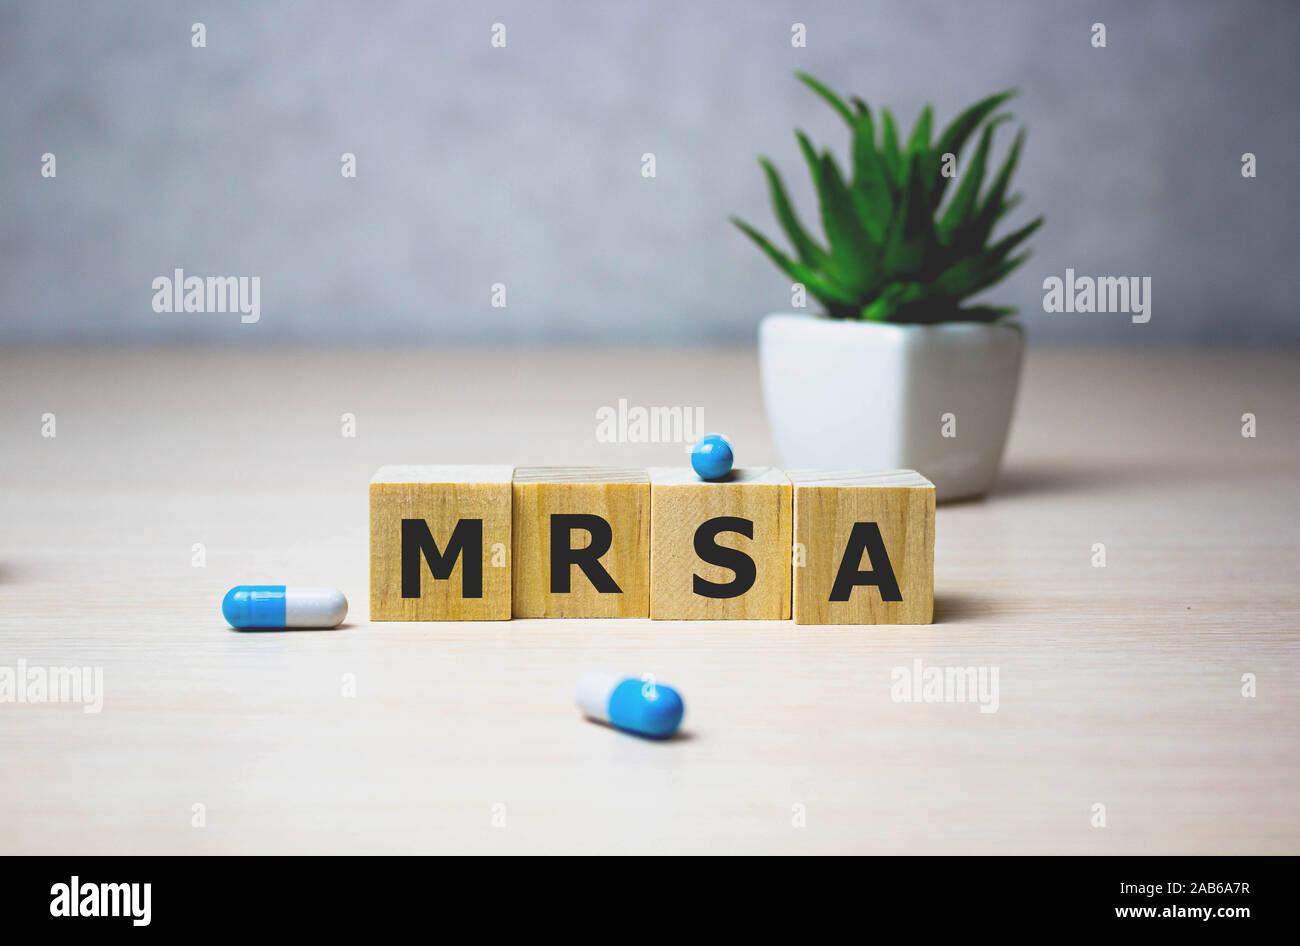 Wodden cubos con palabras MRSA Staphylococcus aureus meticilina-resistente. Concepto médico Foto de stock